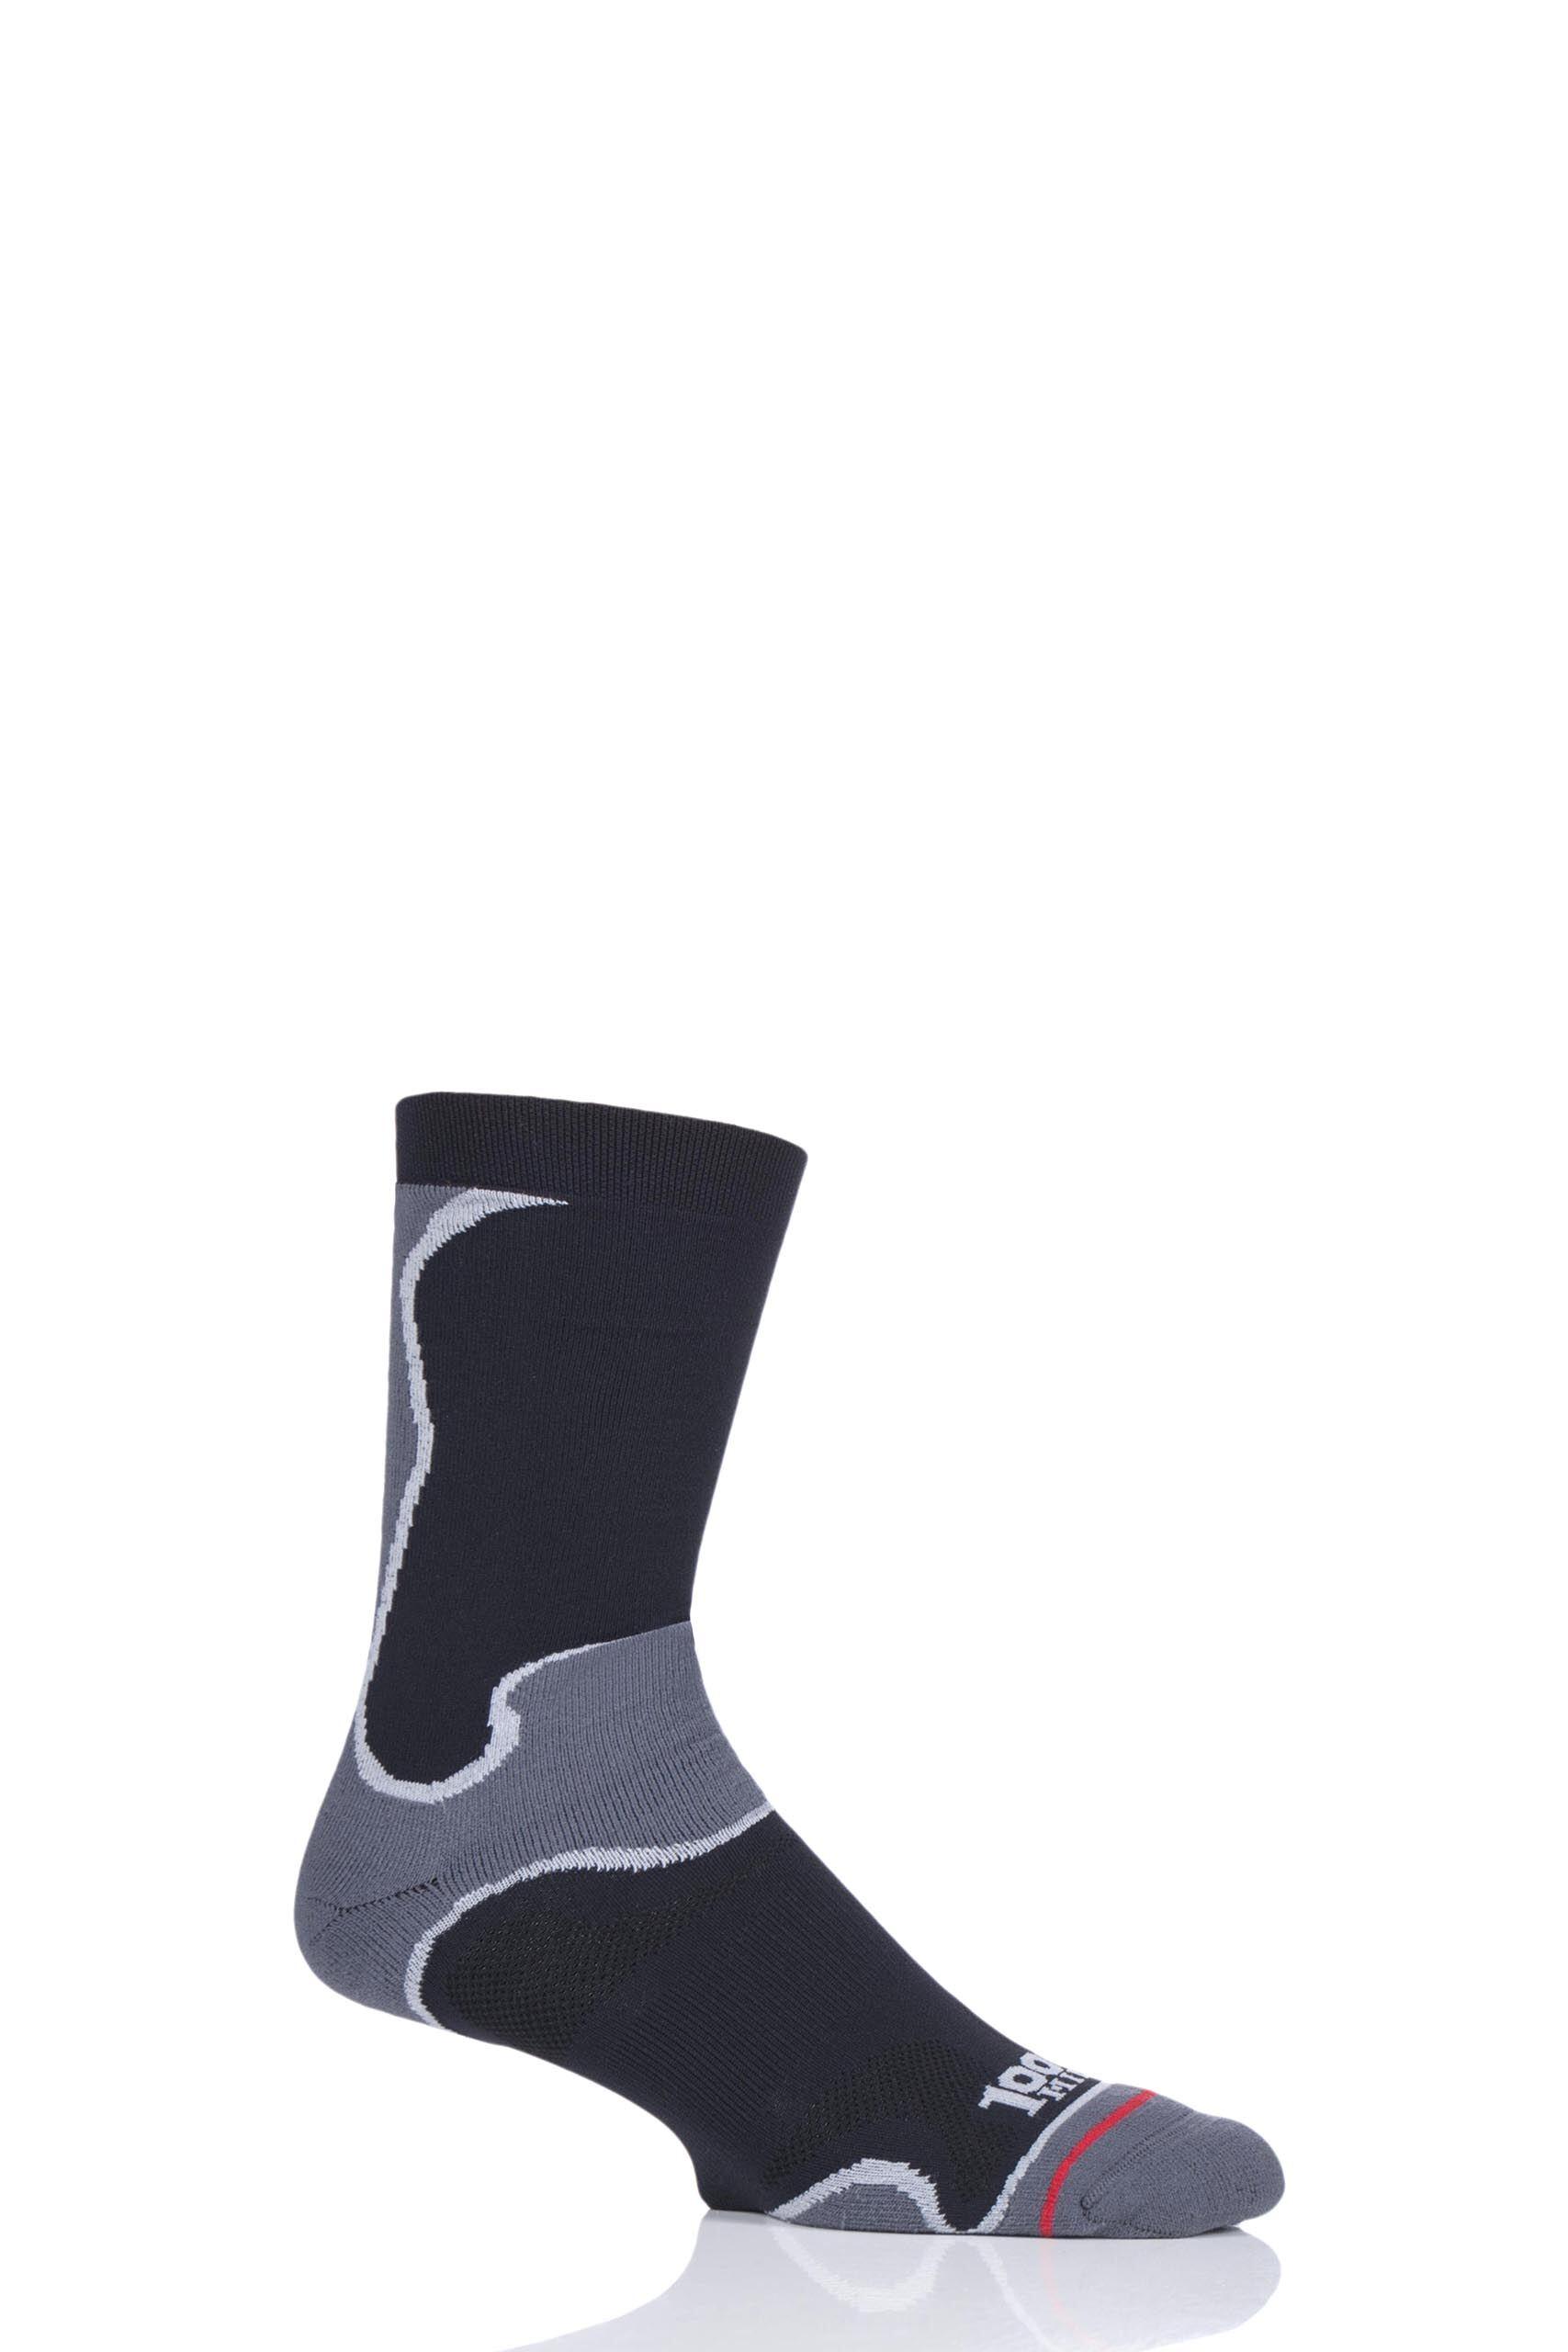 Image of 1 Pair Black Athletic Fusion Socks Unisex 3-5.5 Ladies - 1000 Mile